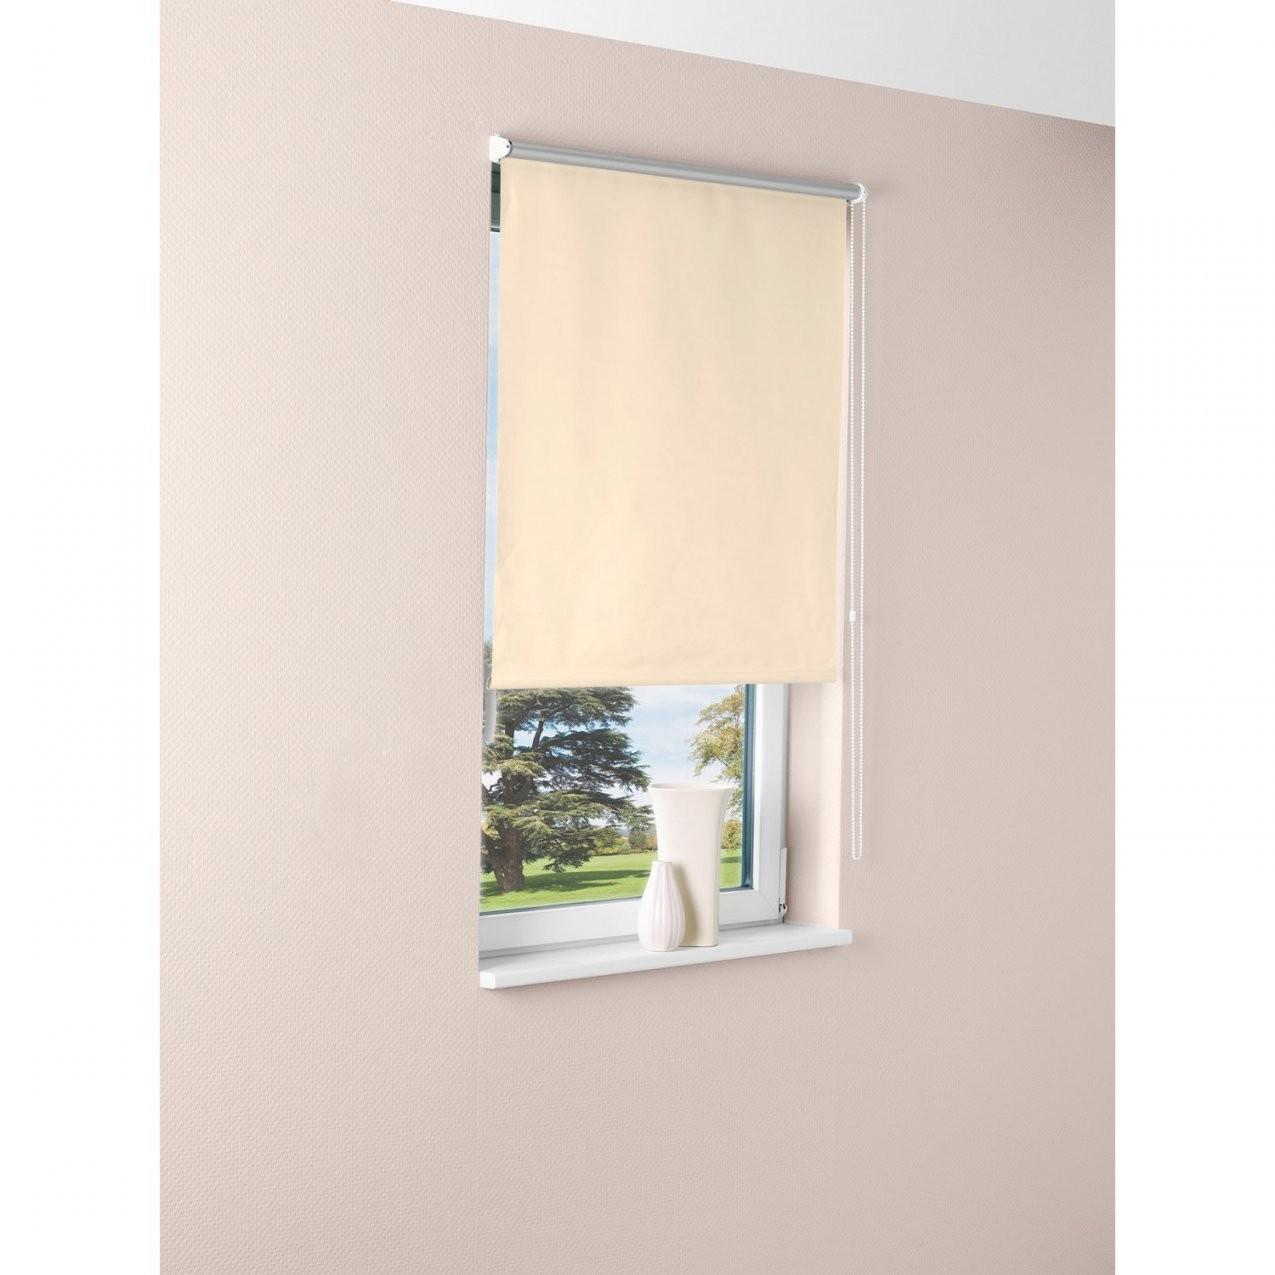 Rollos Zum Einhängen Ins Fenster Obi  Haus Ideen von Rollos Zum Einhängen Ins Fenster Photo